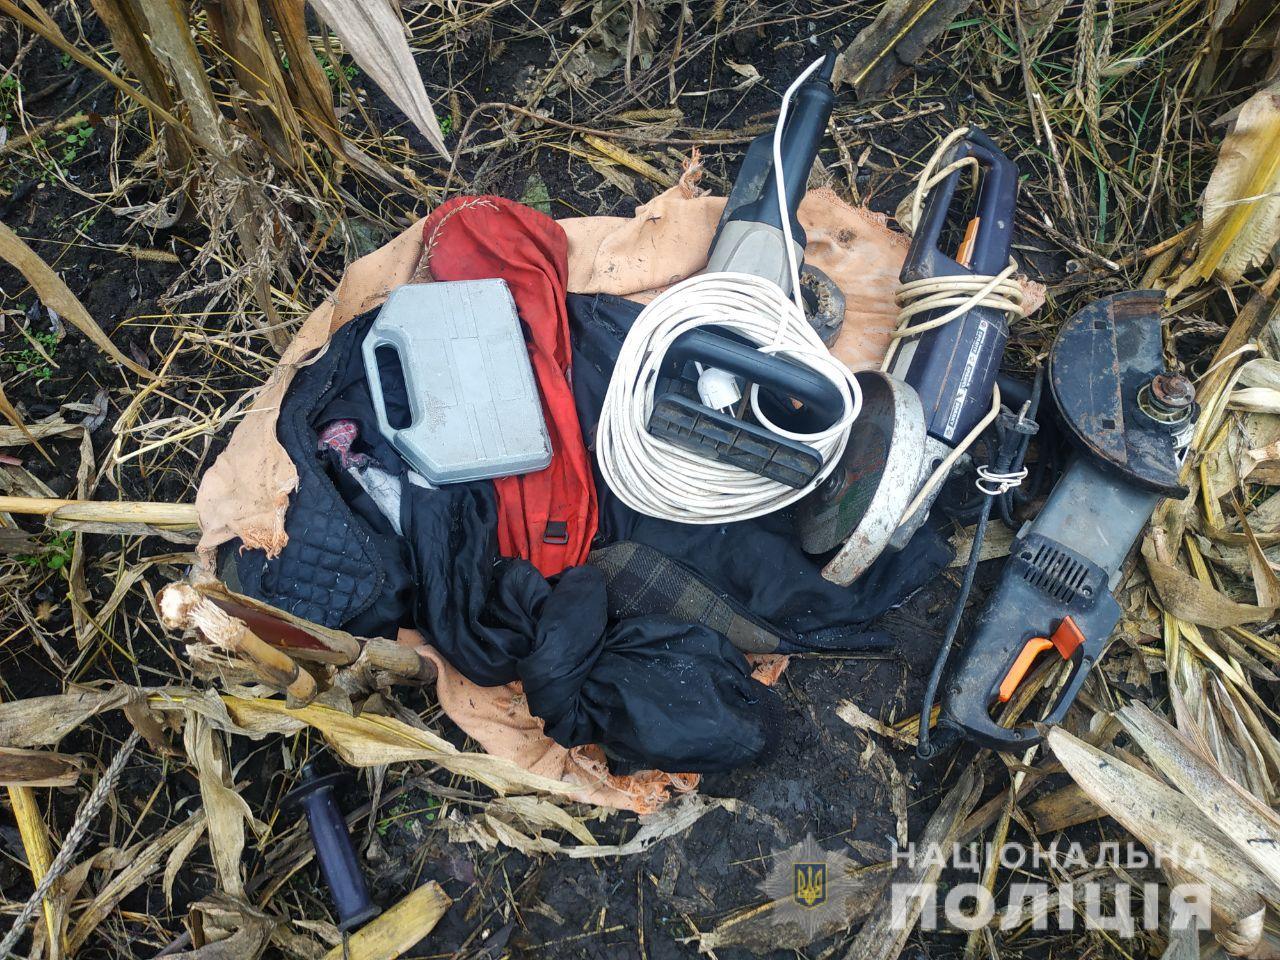 На Білоцерківщині серійний крадій викрав майна на 17 тисяч грн - підозра, кримінал, крадіжка, Білоцерківщина - zakopuvach1